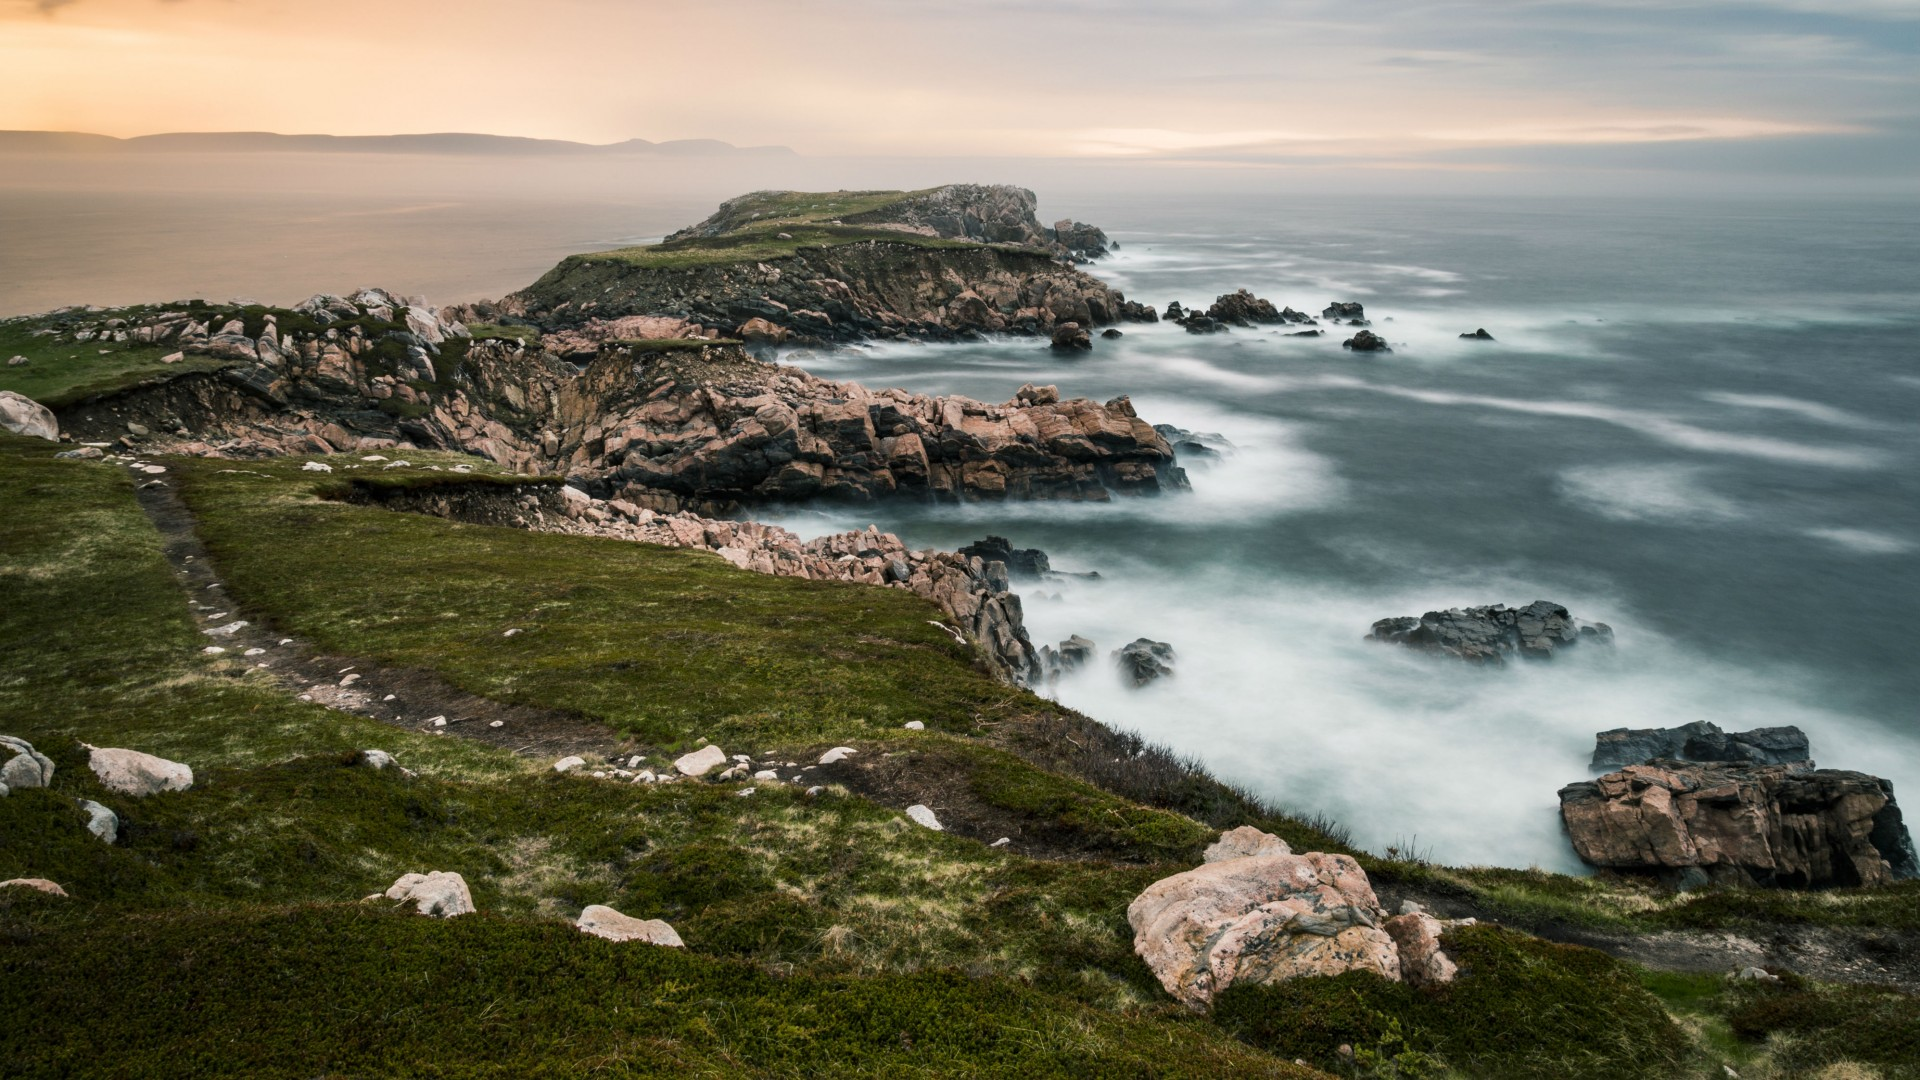 Cape Breton Island